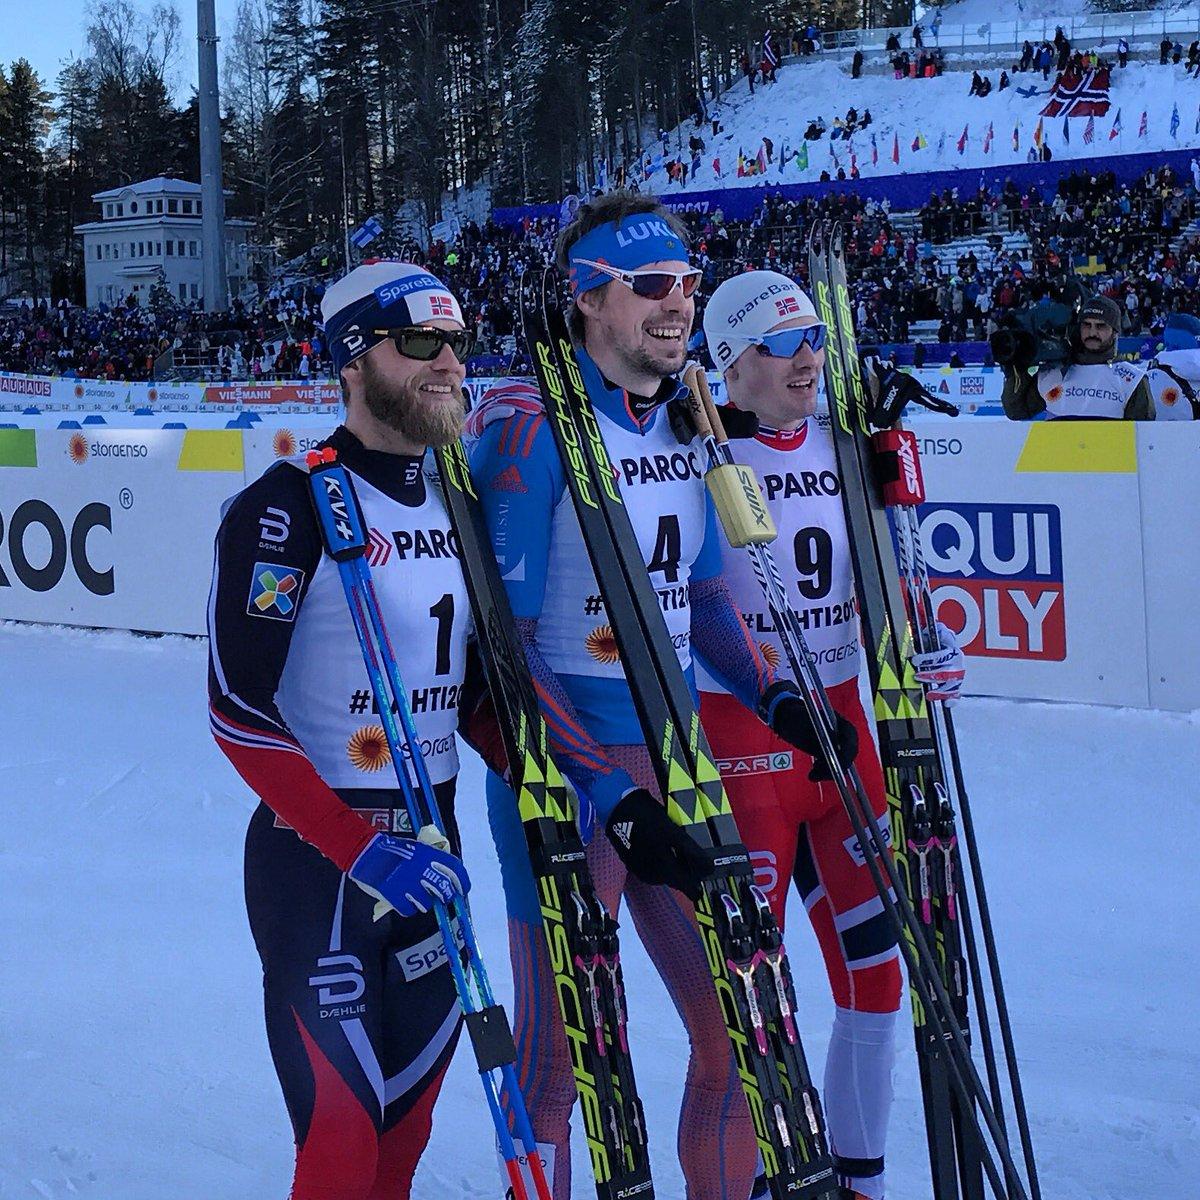 Россиянин Устюгов стал чемпионом мира по лыжным гонкам в скиатлоне